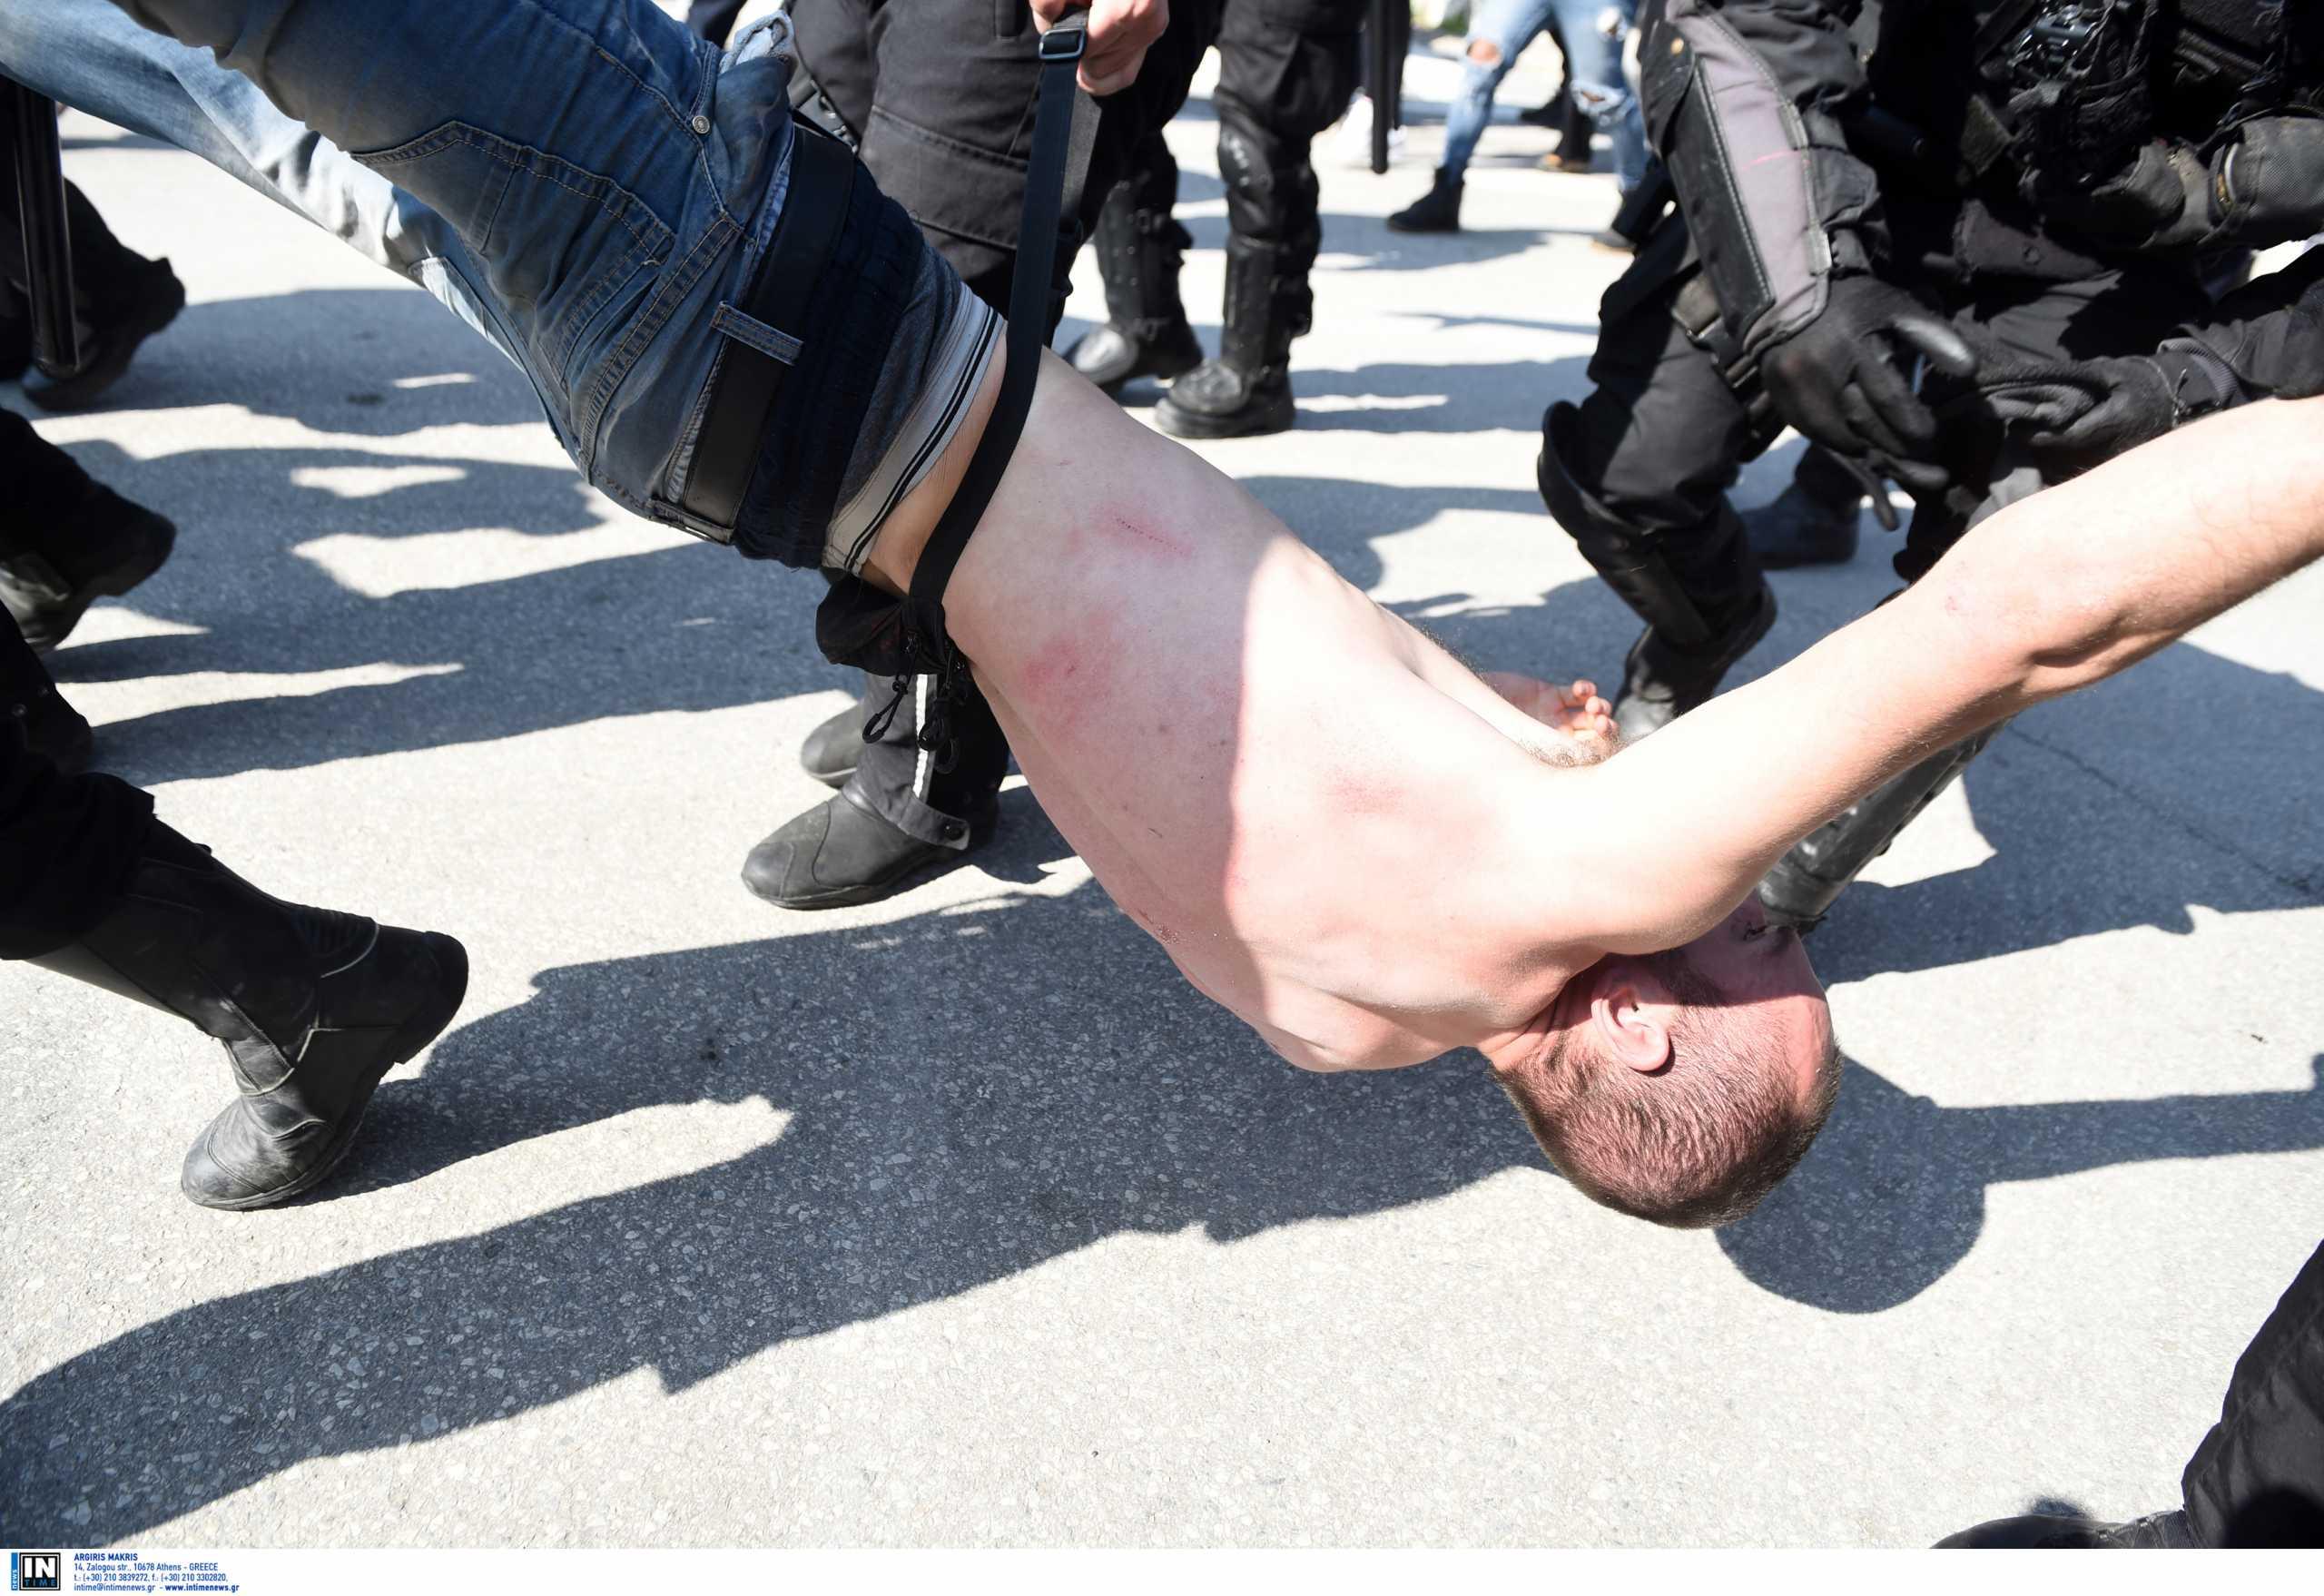 Απίστευτες εικόνες έξω από το ΑΠΘ: Έσερναν ημίγυμνο διαδηλωτή στο δρόμο (video, pics)